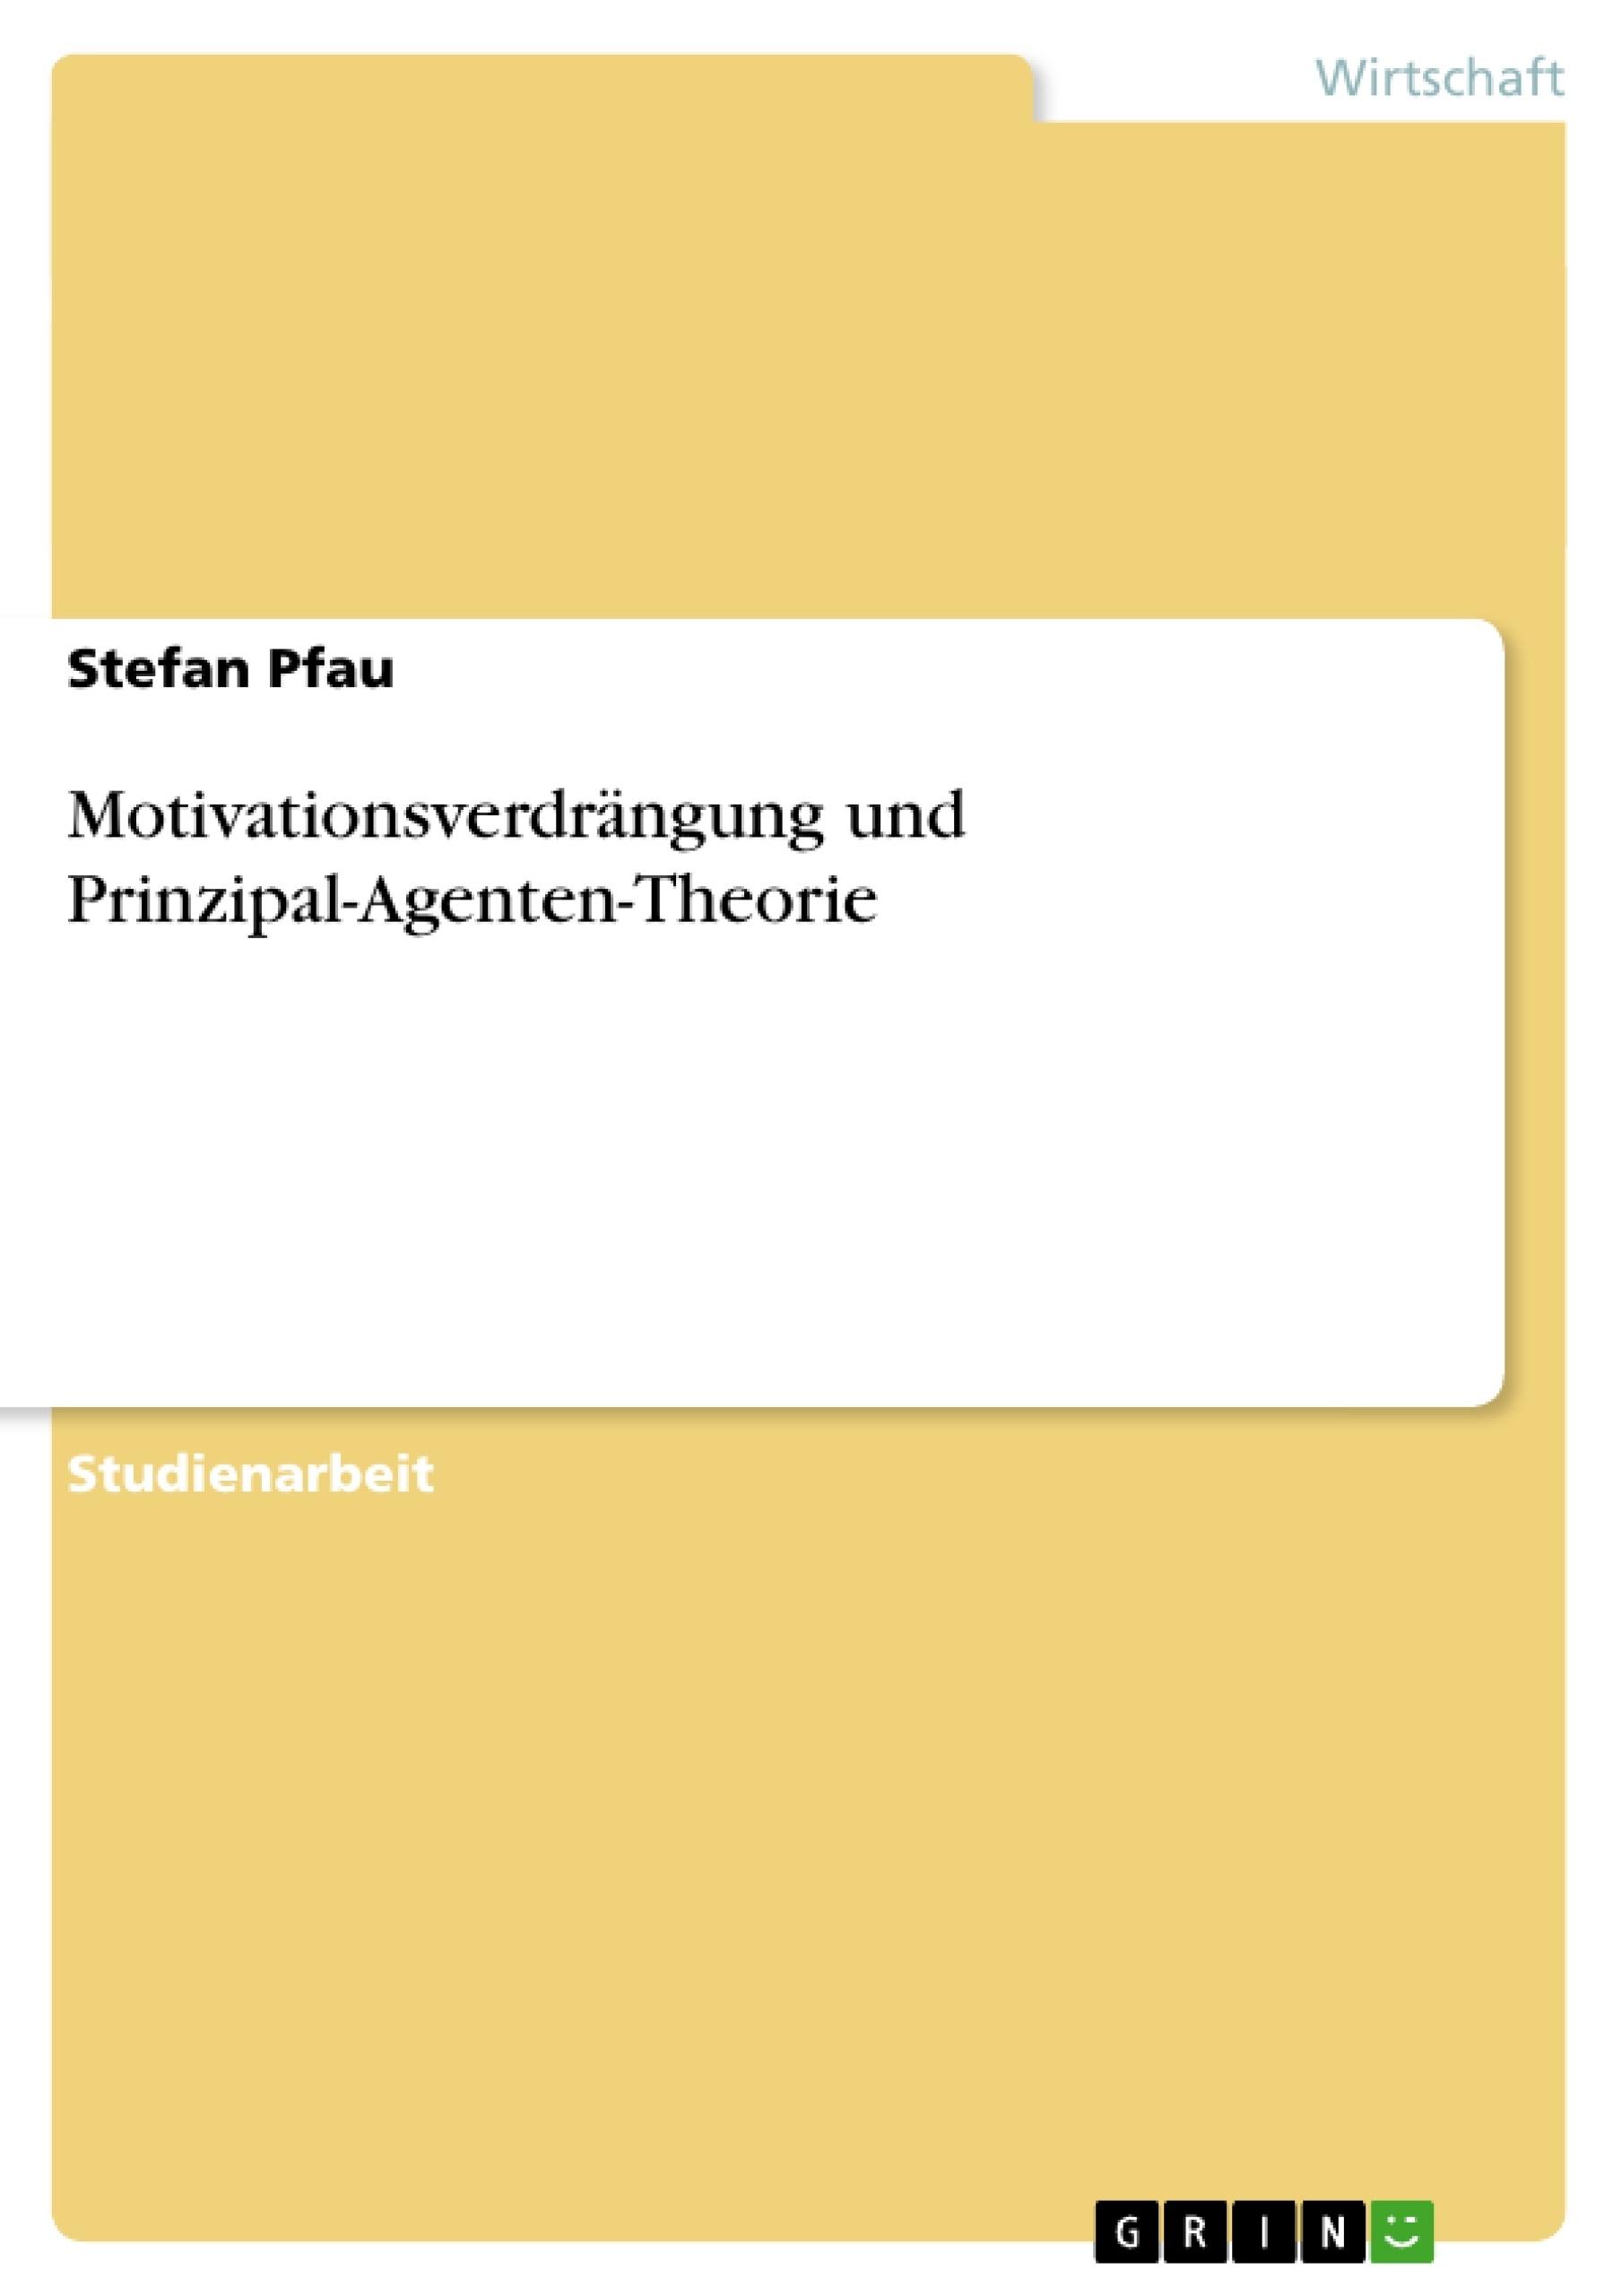 Titel: Motivationsverdrängung und Prinzipal-Agenten-Theorie